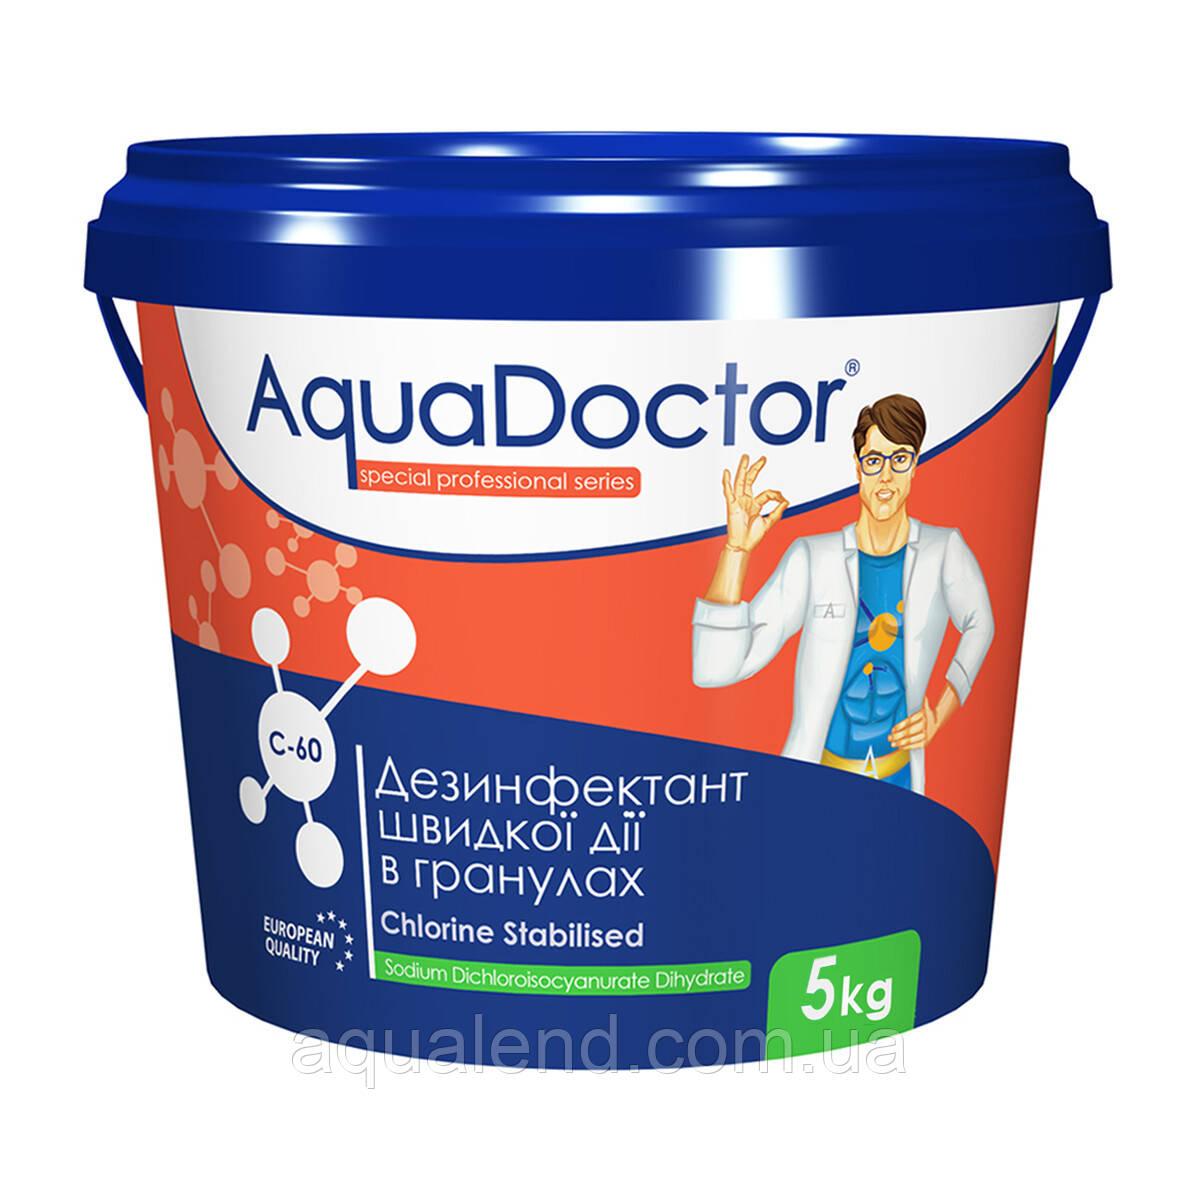 Быстрорастворимый шок хлор для бассейна C-60, 50кг, в гранулах, AquaDoctor